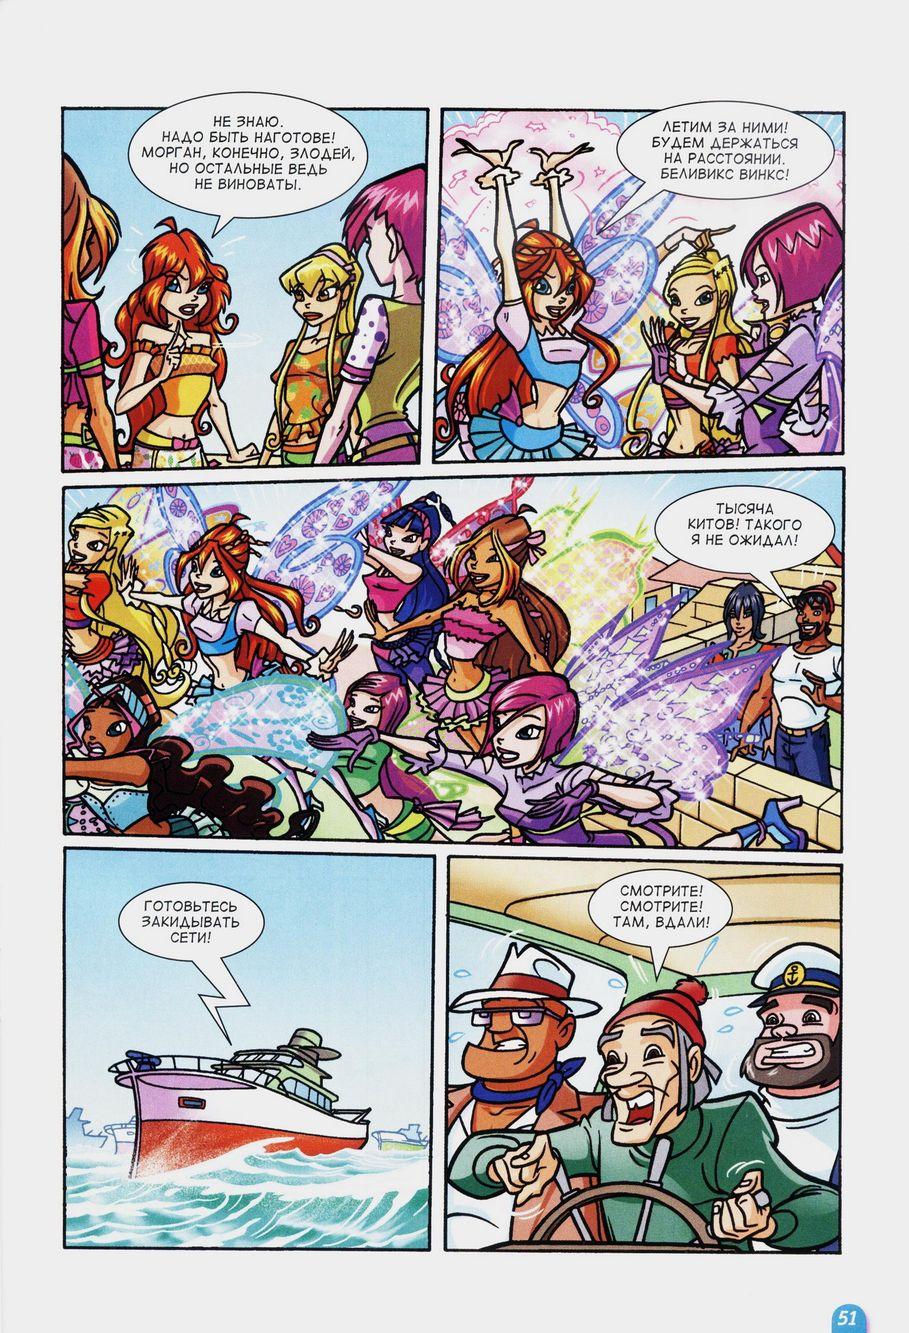 Комикс Винкс Winx - Месть моря (Журнал Винкс №4 2011) - стр. 51